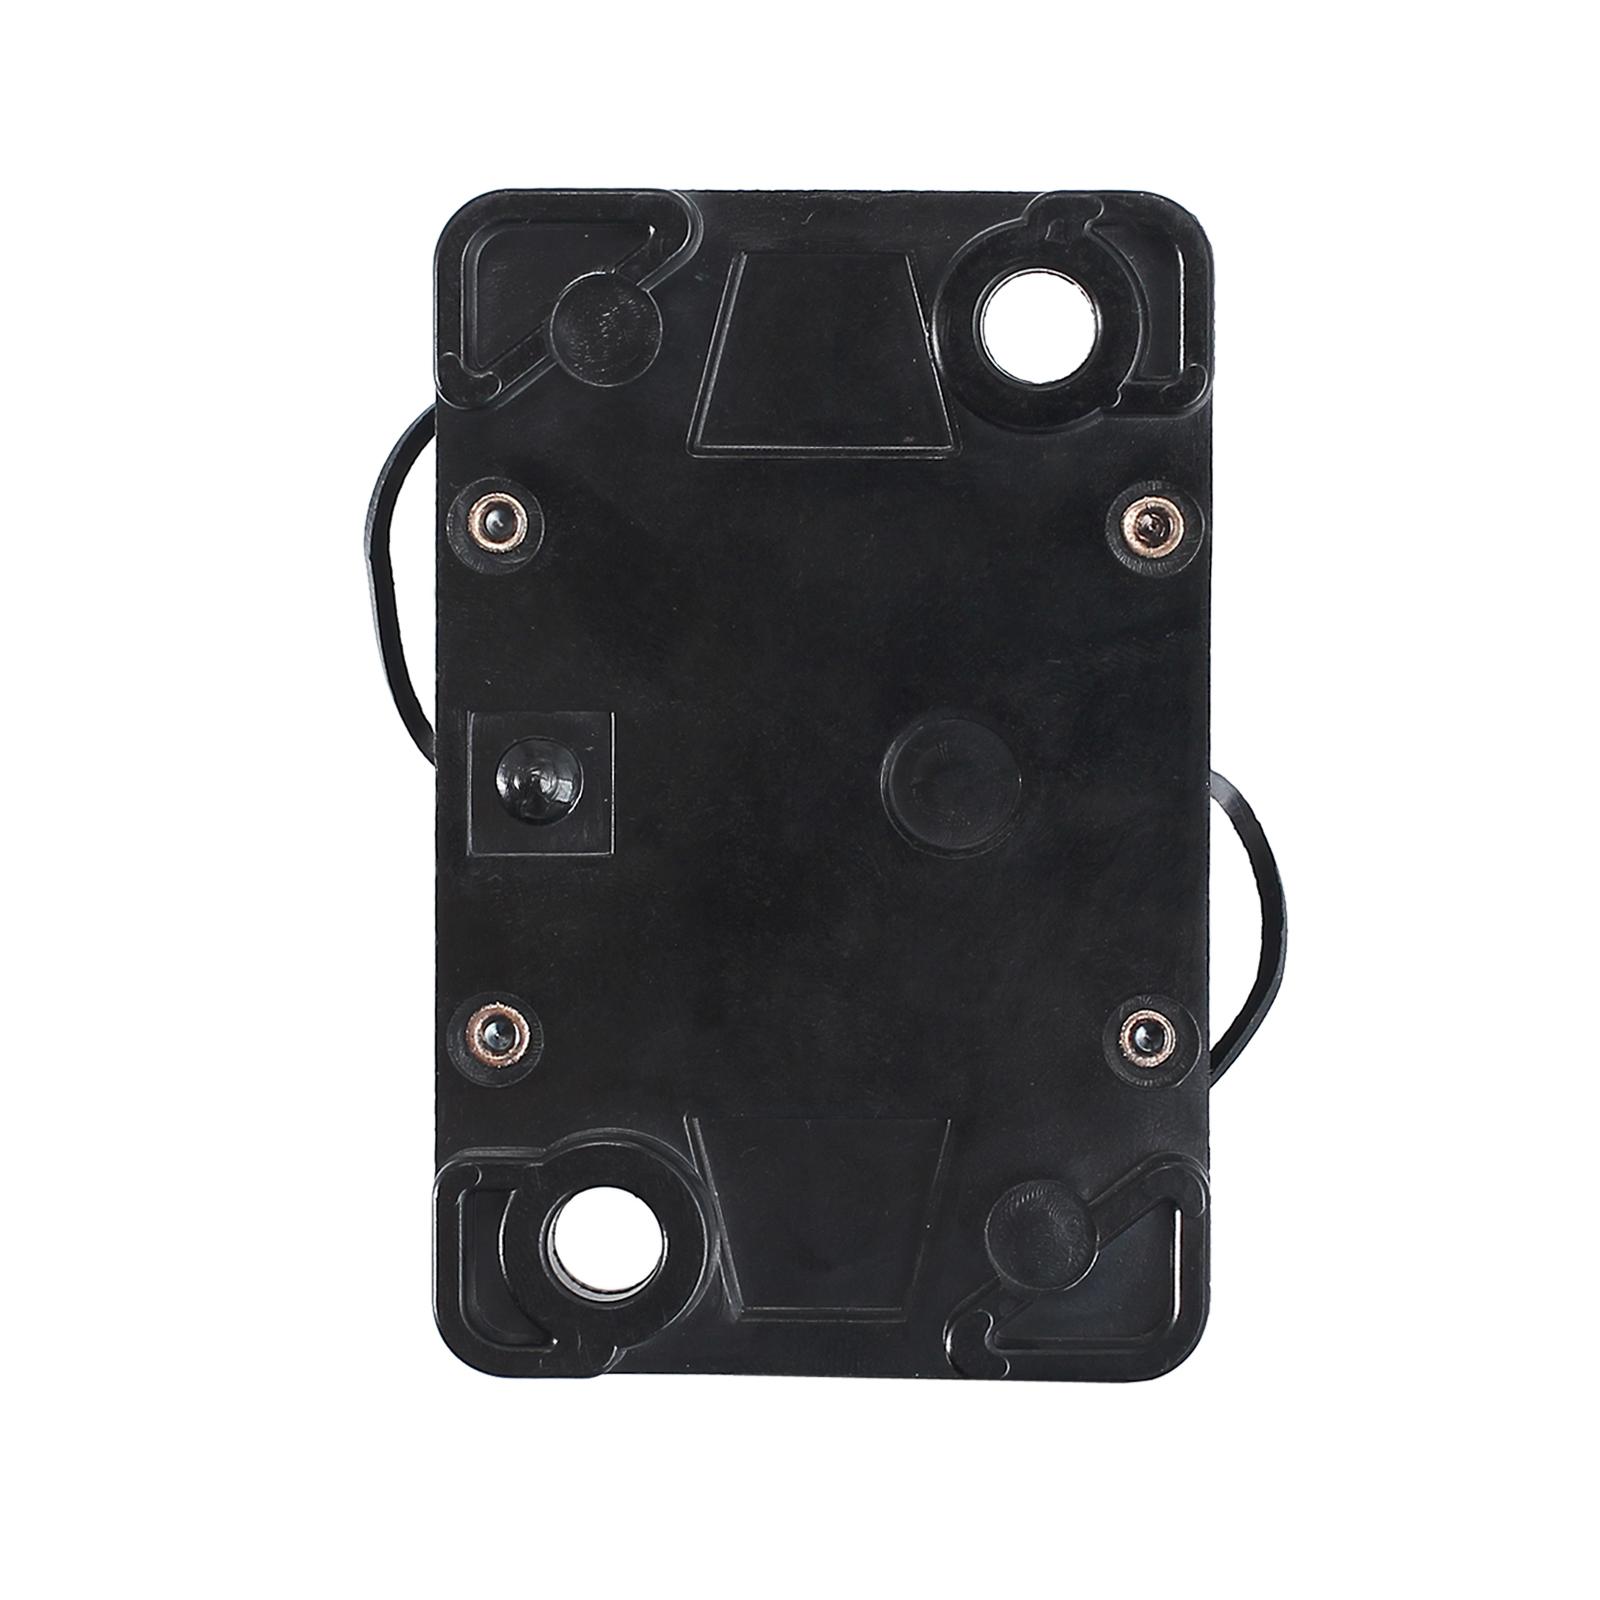 50a Amp Surface Mount Circuit Breaker Fuse Reset 12v 24v For Sae J1625 J1171